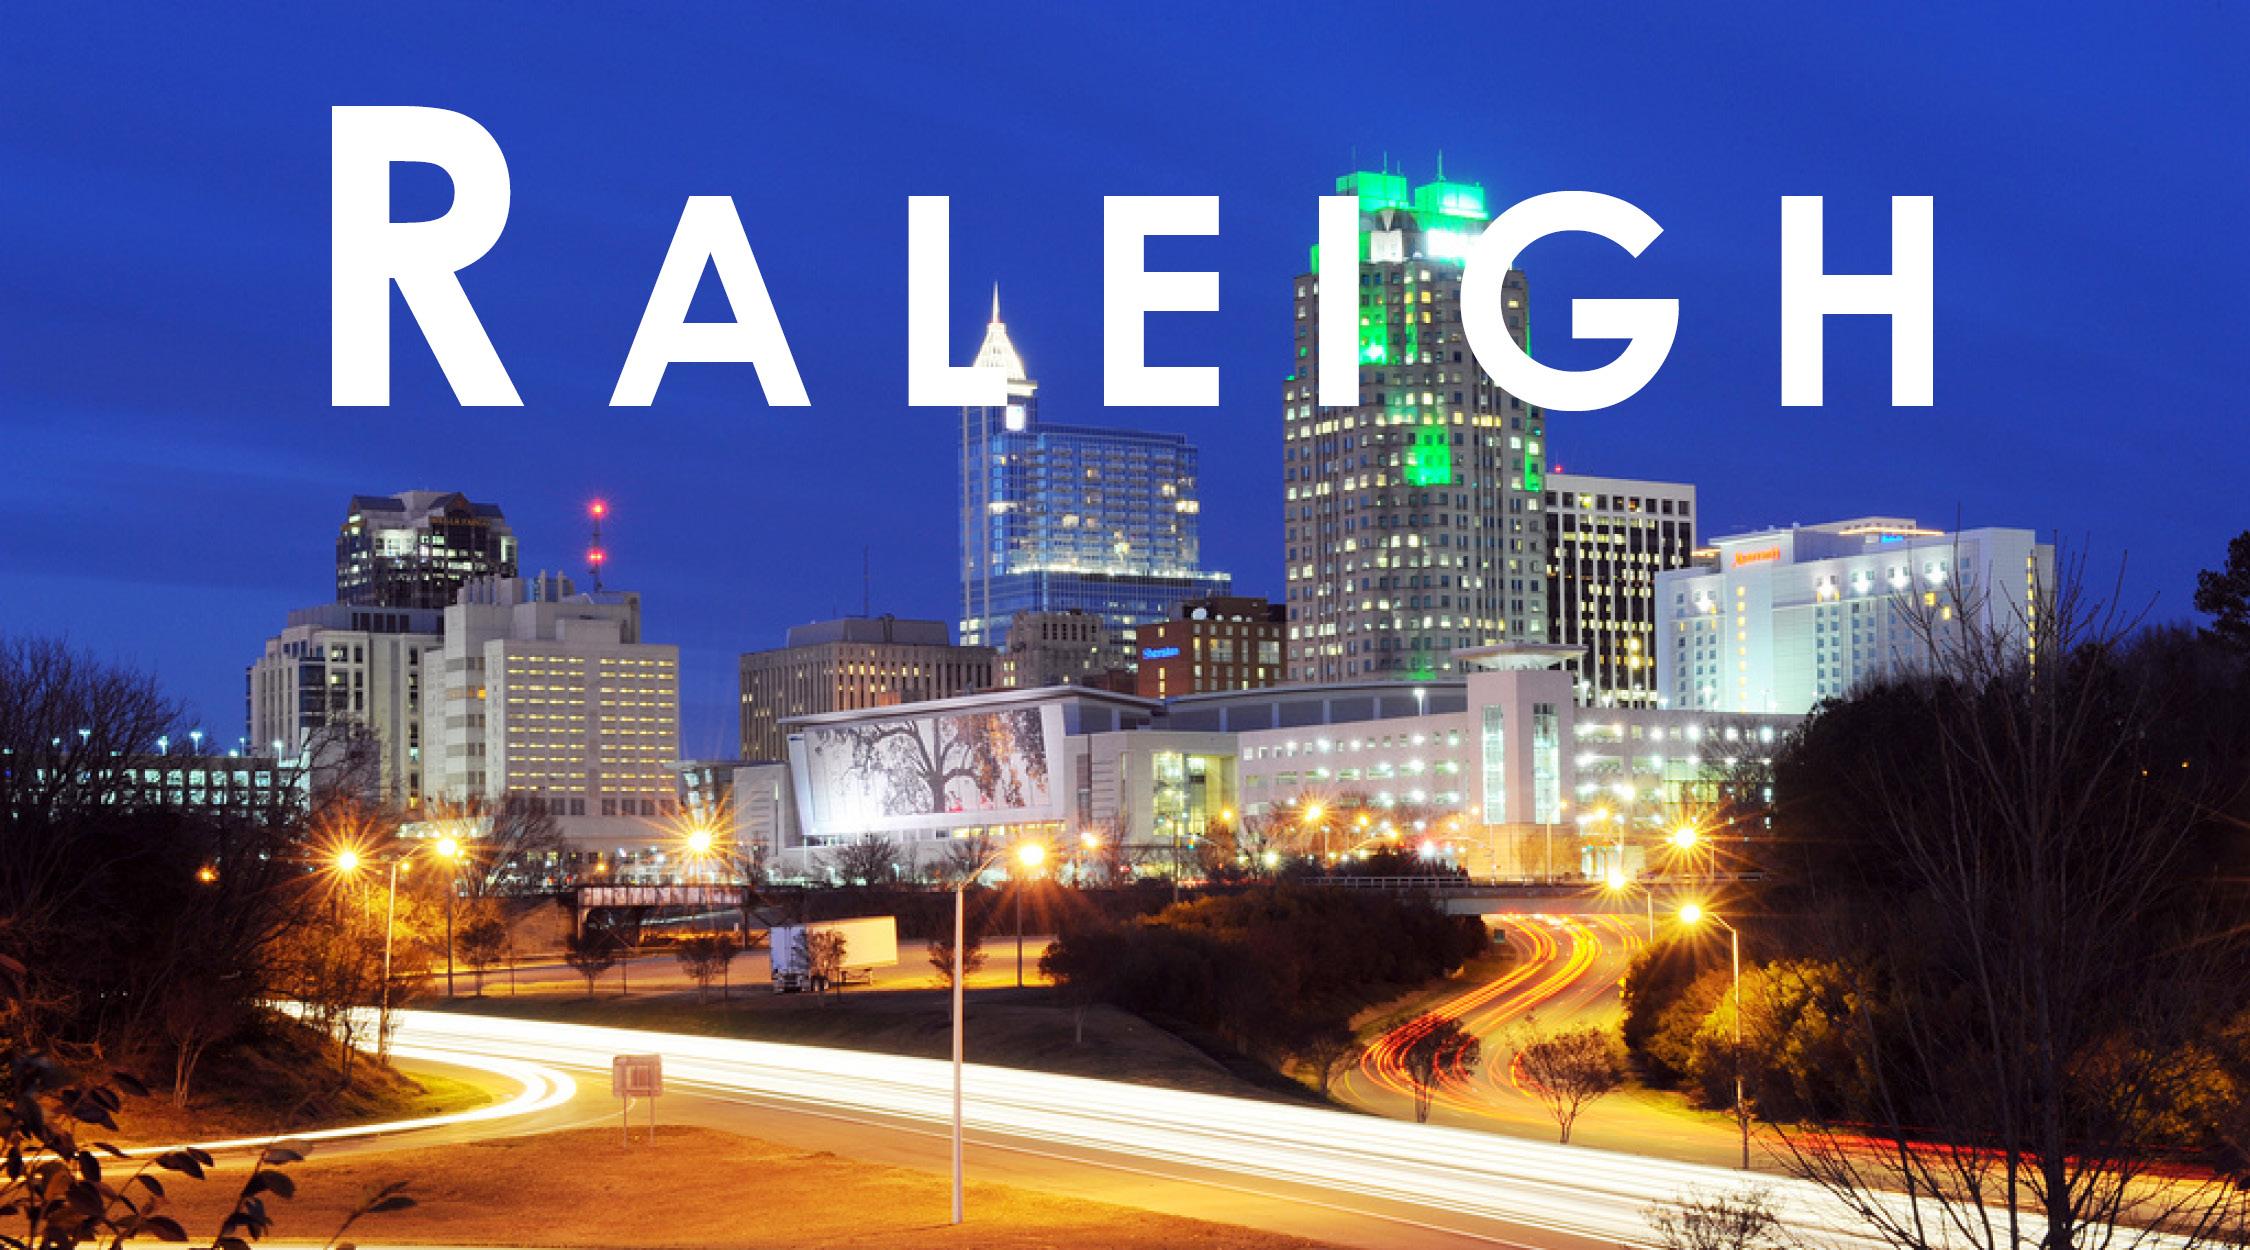 RaleighImage.jpg